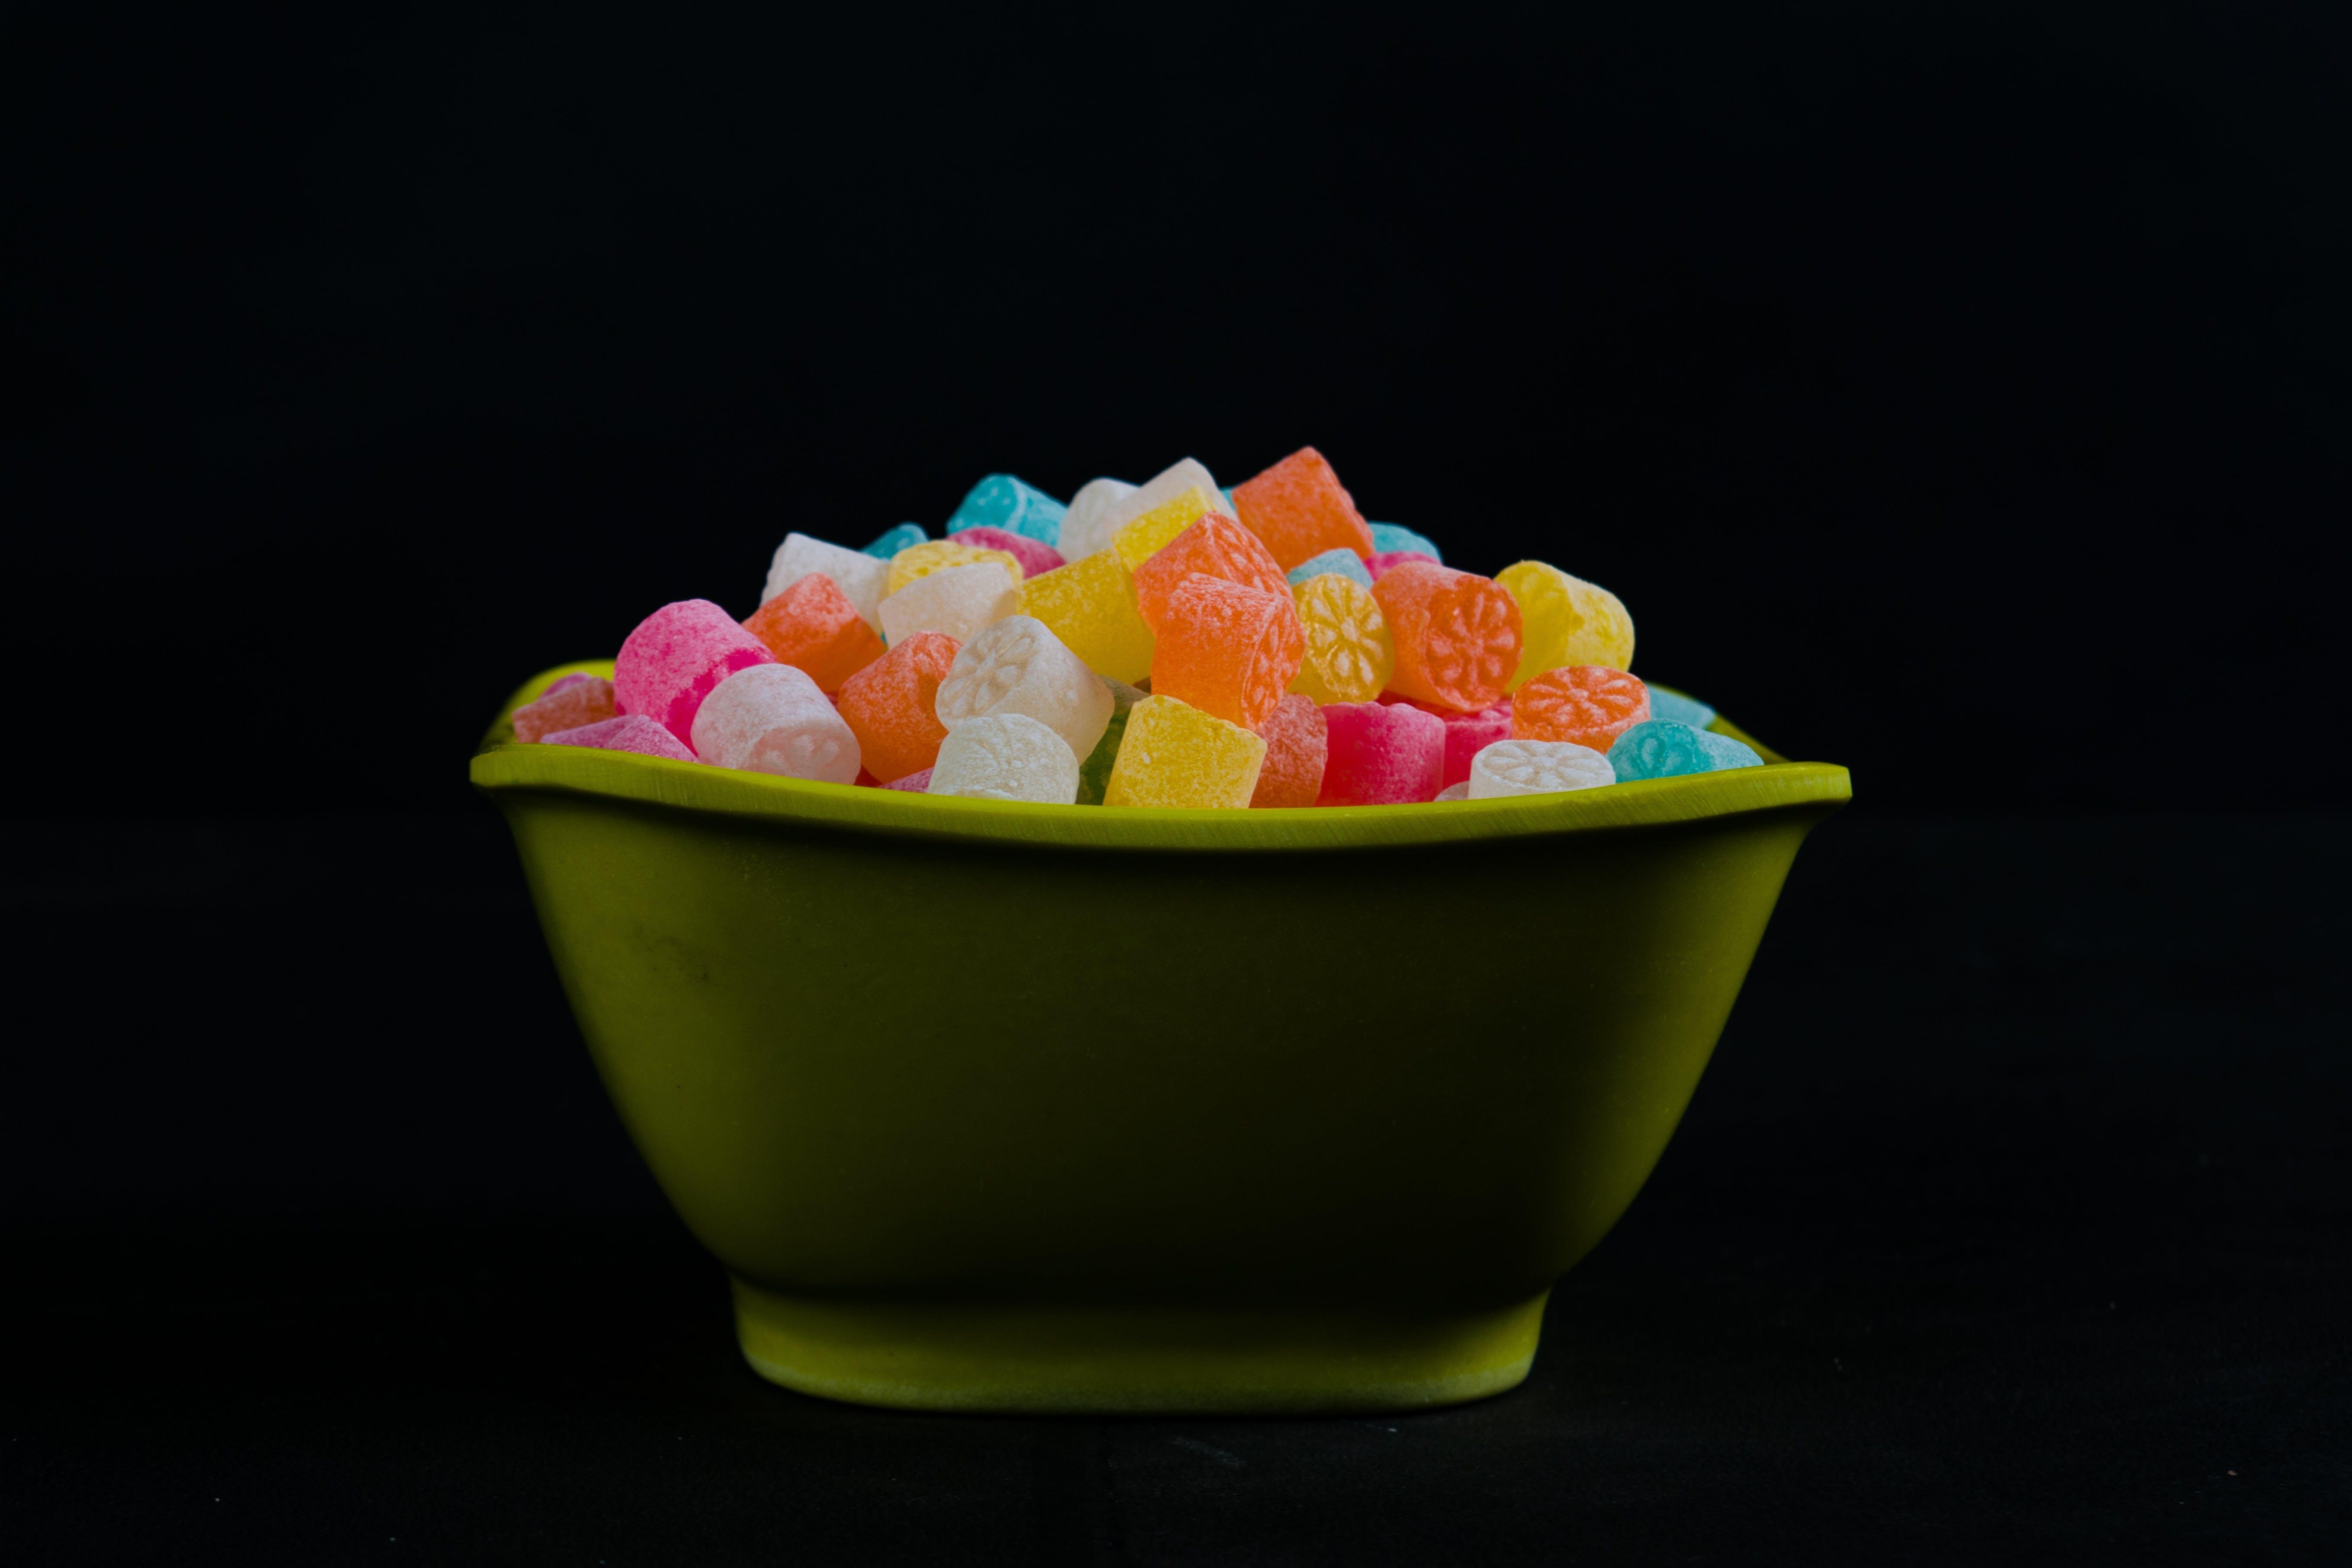 Gratis lagerfoto af close-up, delikat, ernæring, farverig